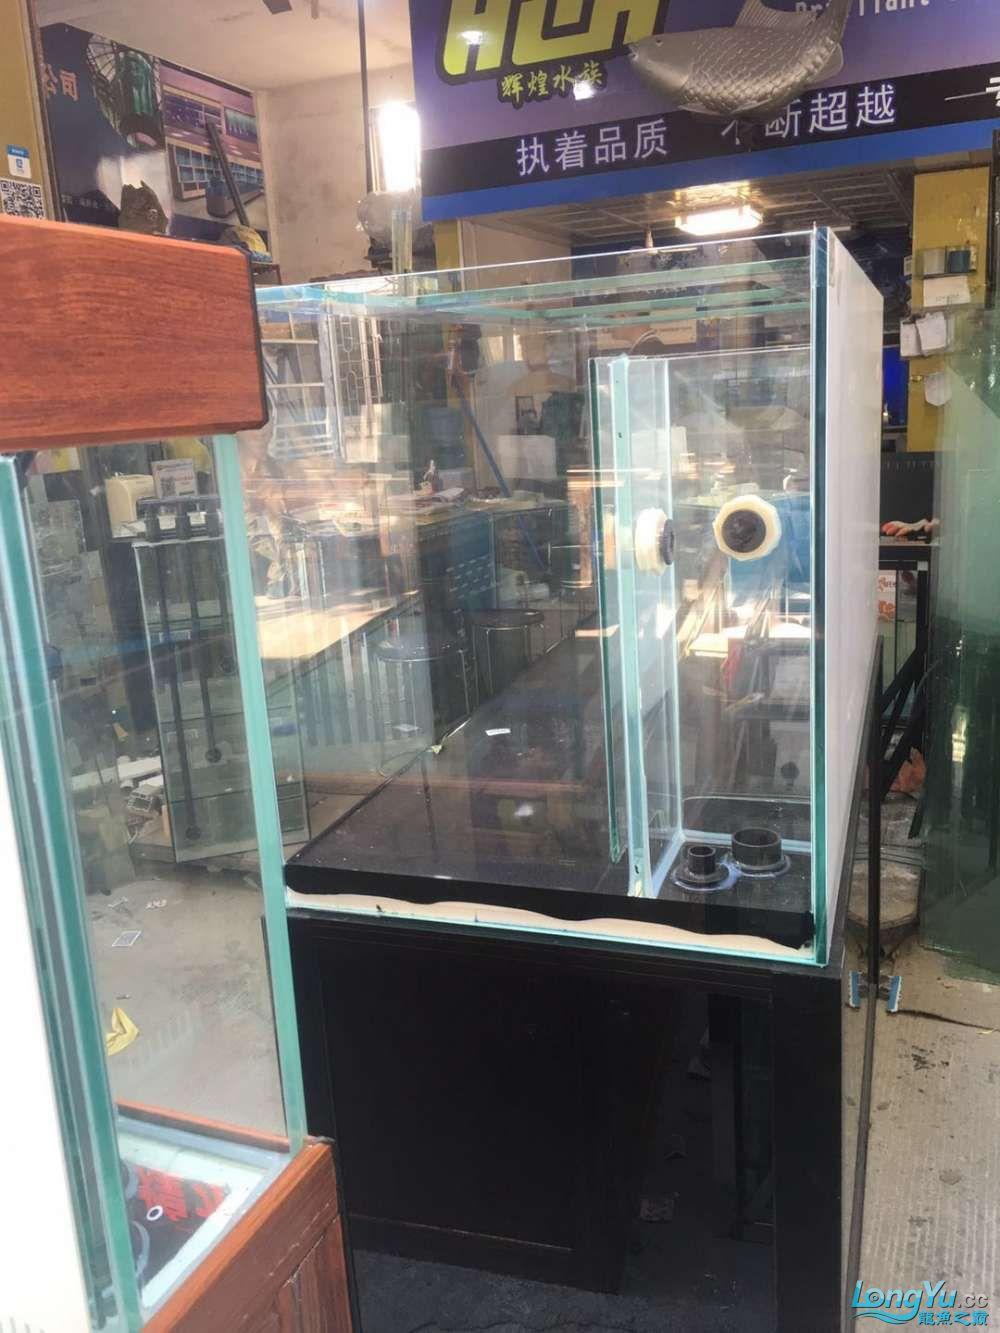 重庆粗线银板鱼哪个店的最好新人再次入水开缸大吉 重庆观赏鱼 重庆水族批发市场第24张